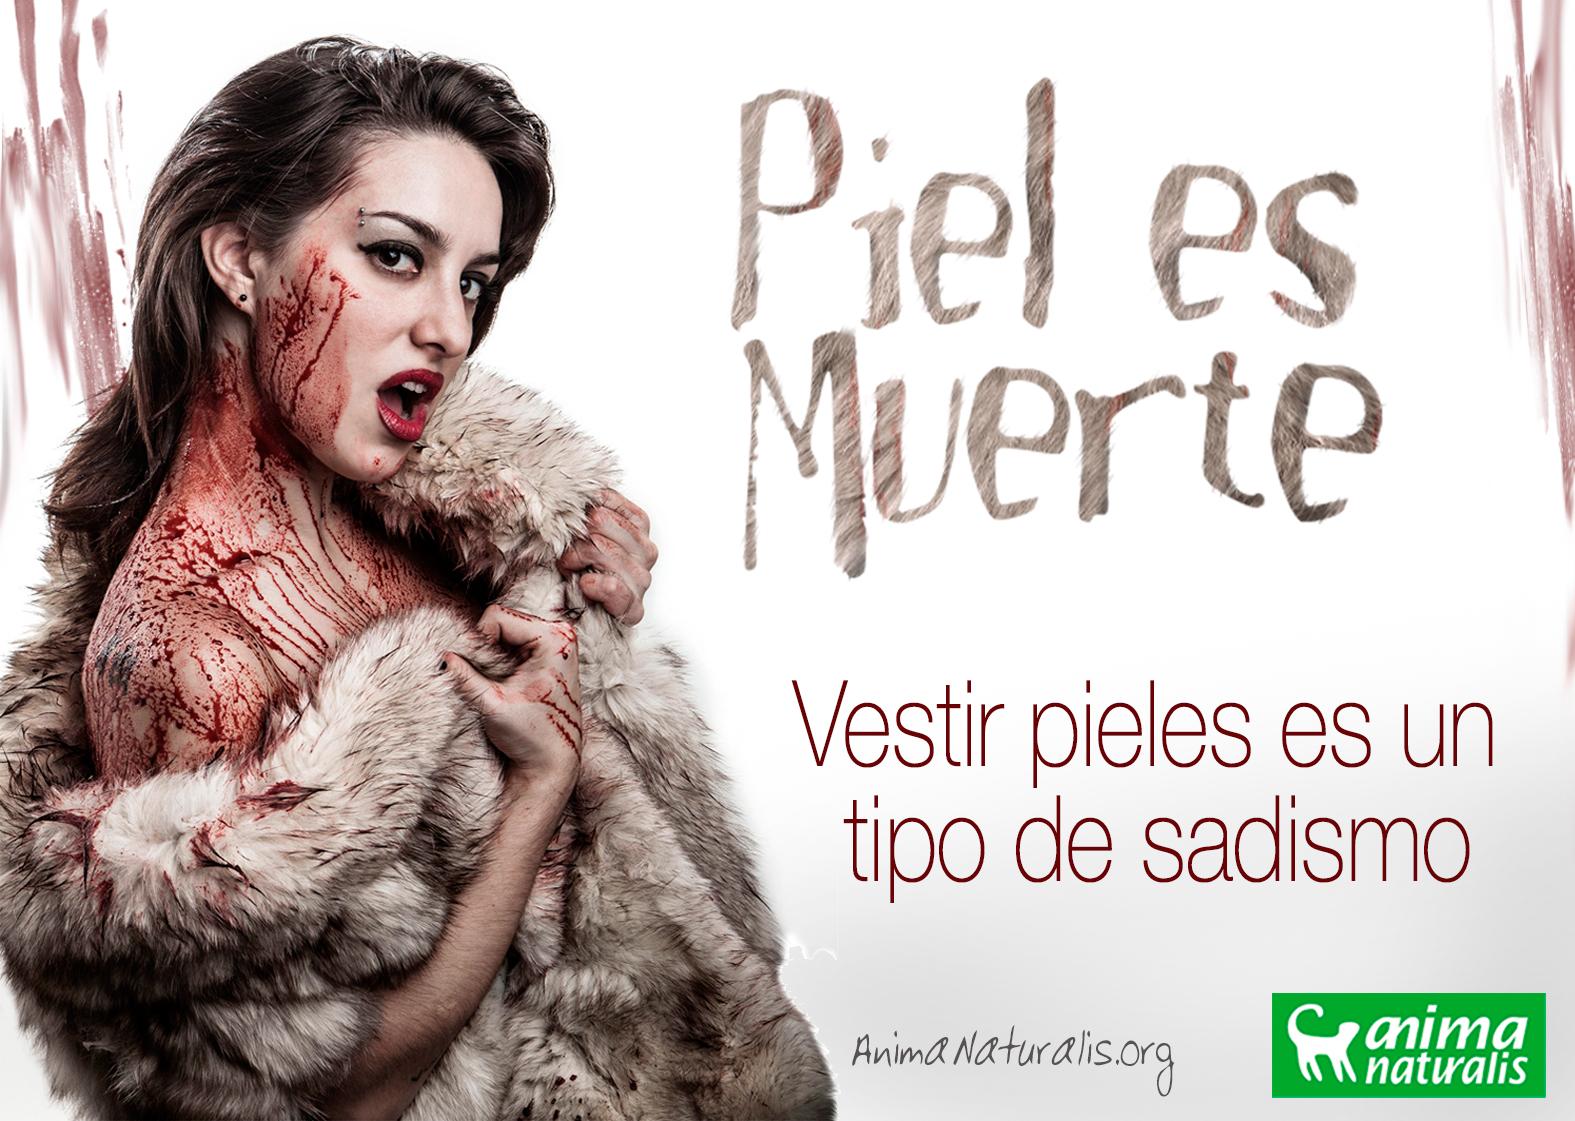 AnimaNaturalis muestra su repudio a las pieles en Argentina